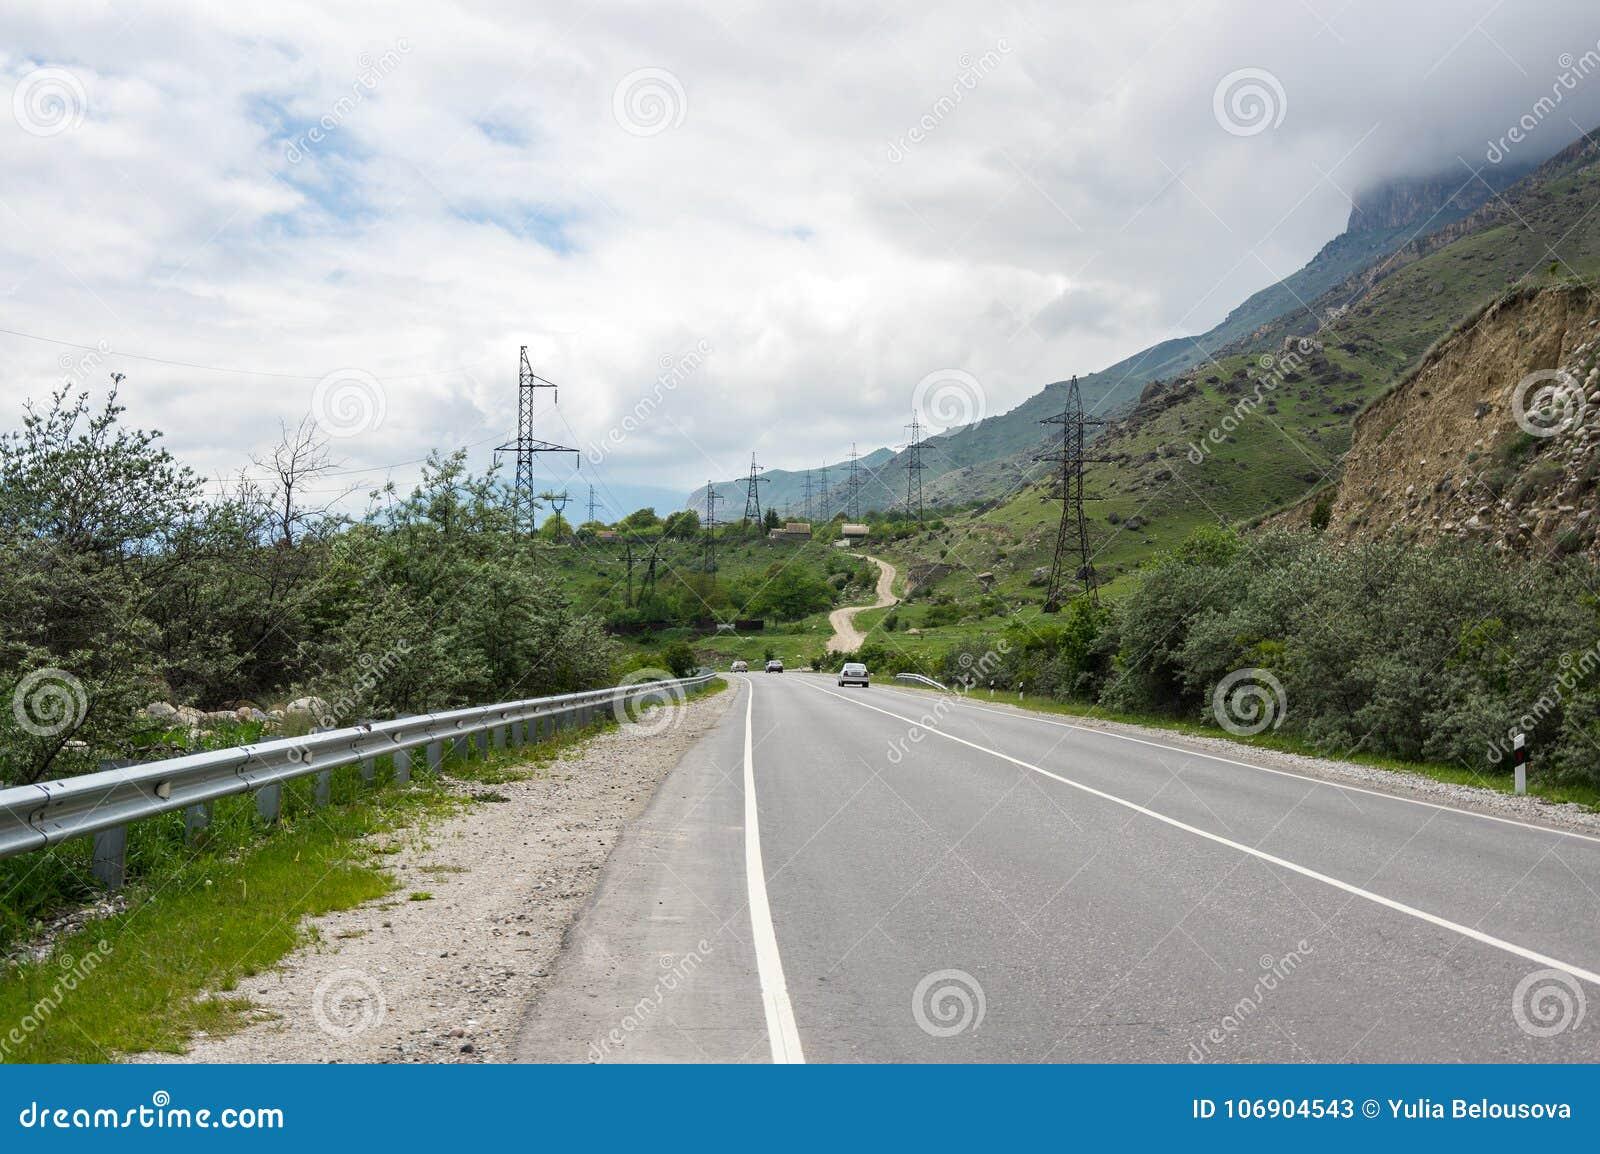 Baksan wąwóz w Kaukaz górach w Rosja